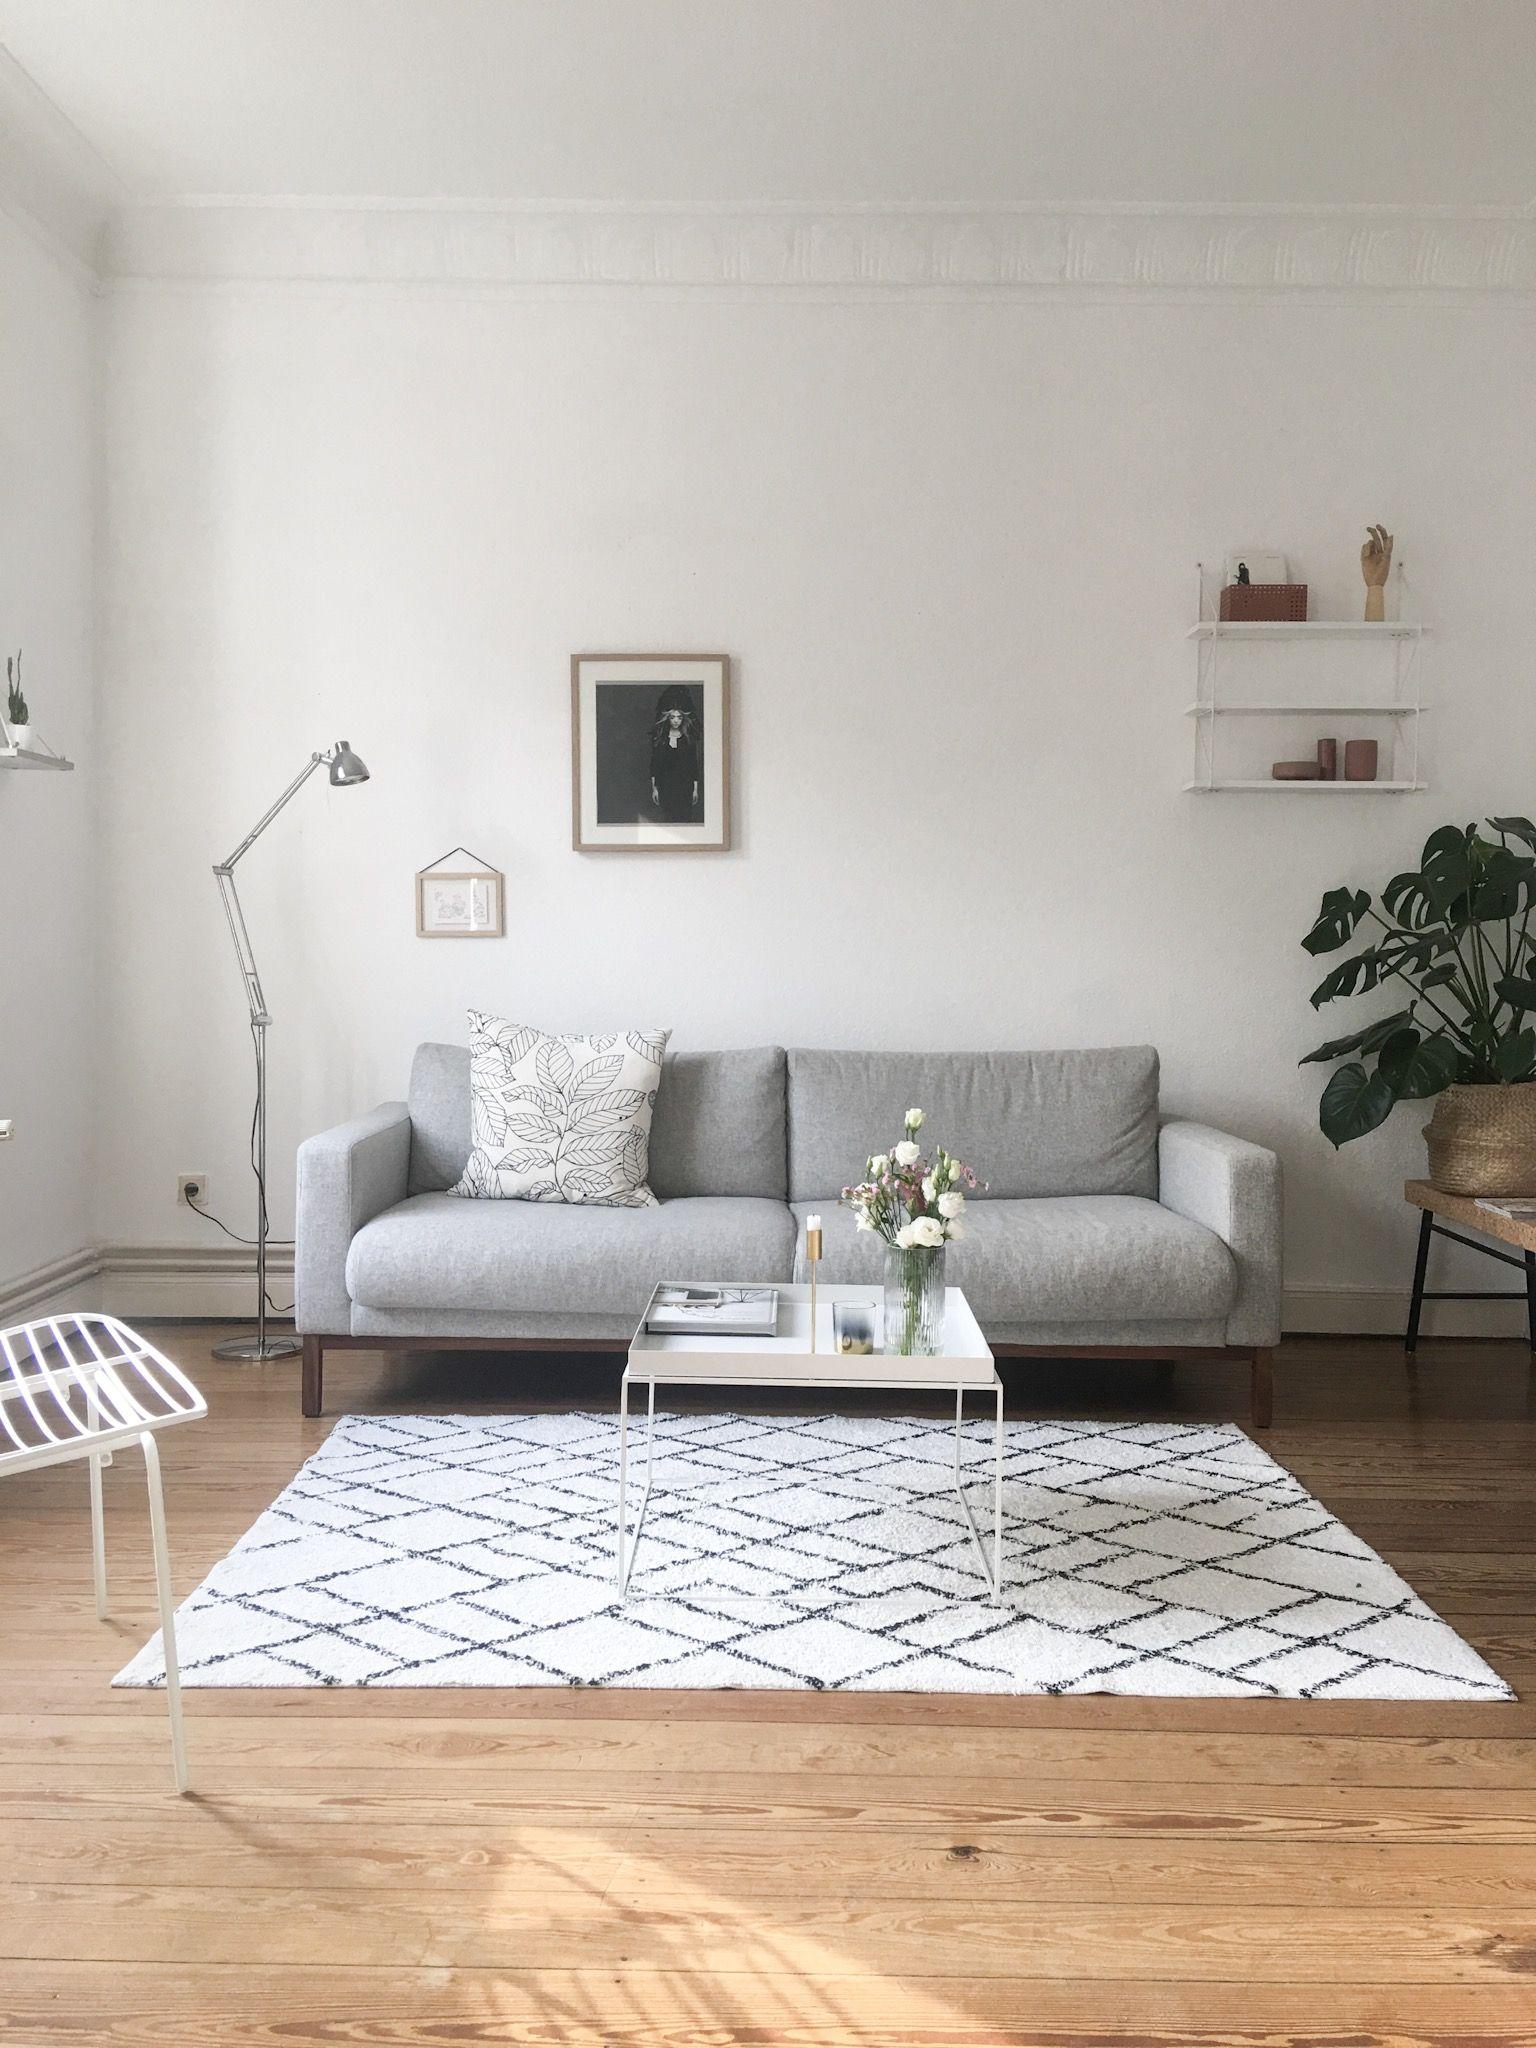 Living room | Interiors | Pinterest | Raumgestaltung, Wohnzimmer und ...